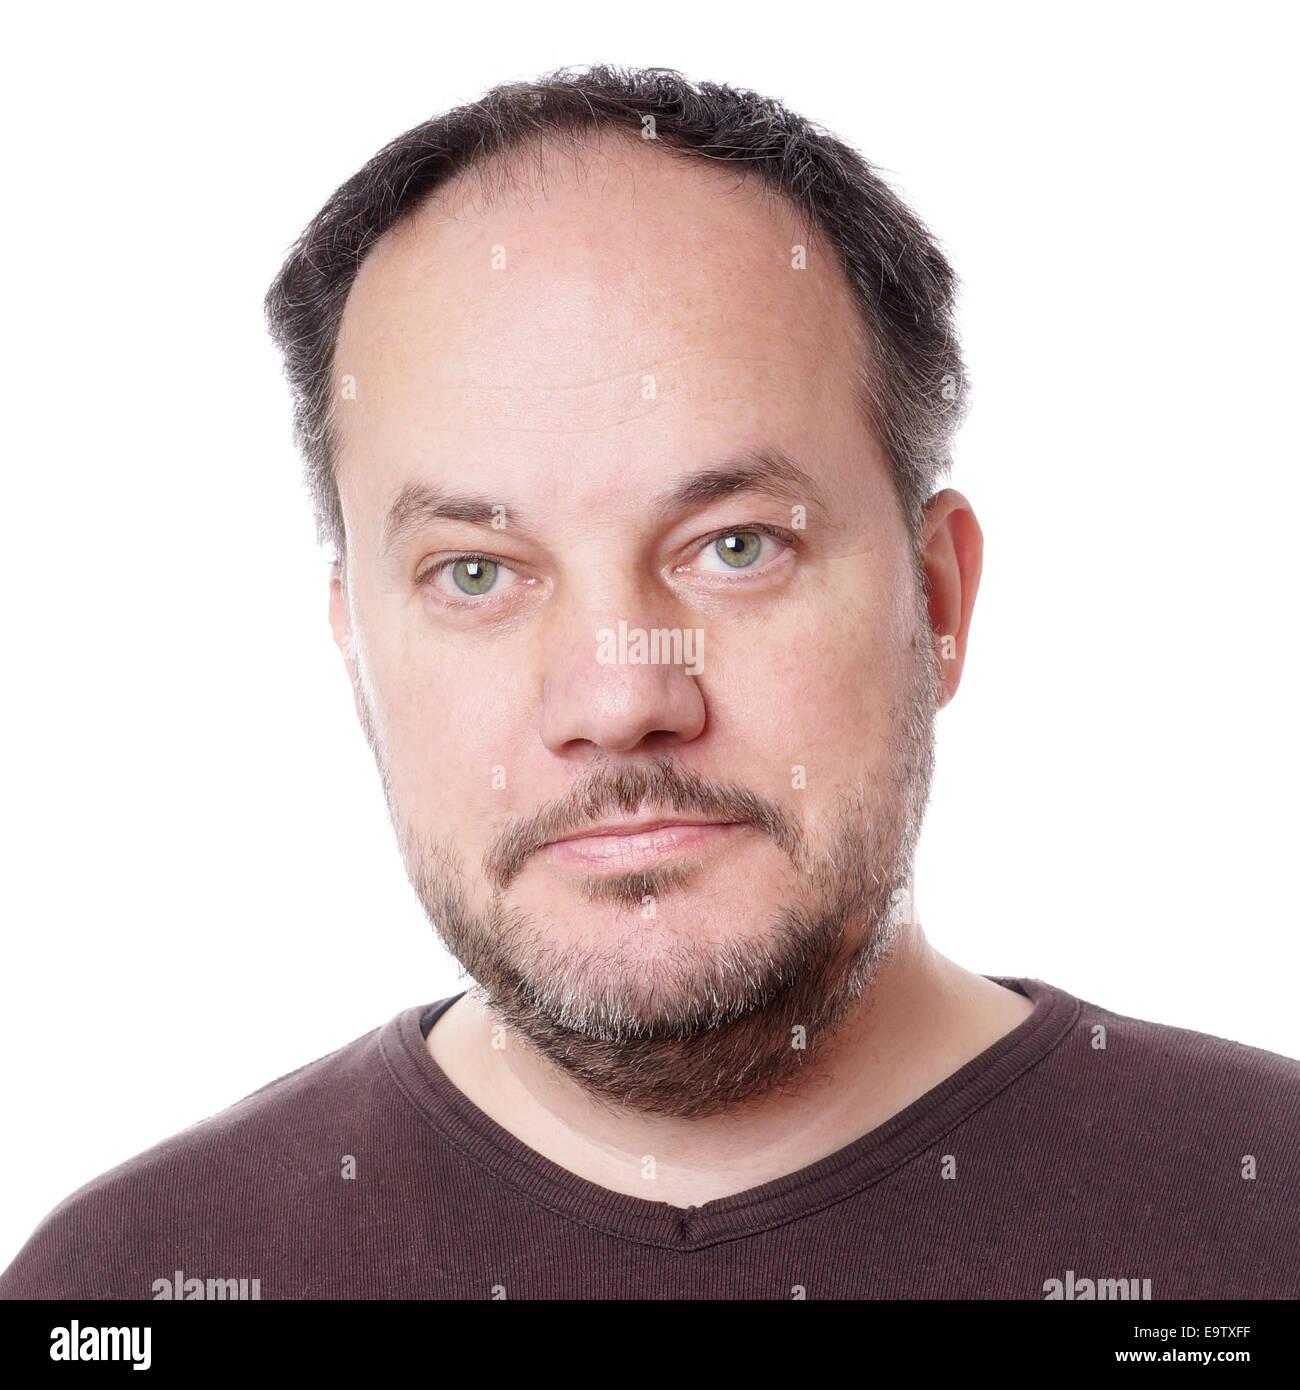 Kopfschuss von einem mittleren Alter Mann mit Bartstoppeln Stockbild